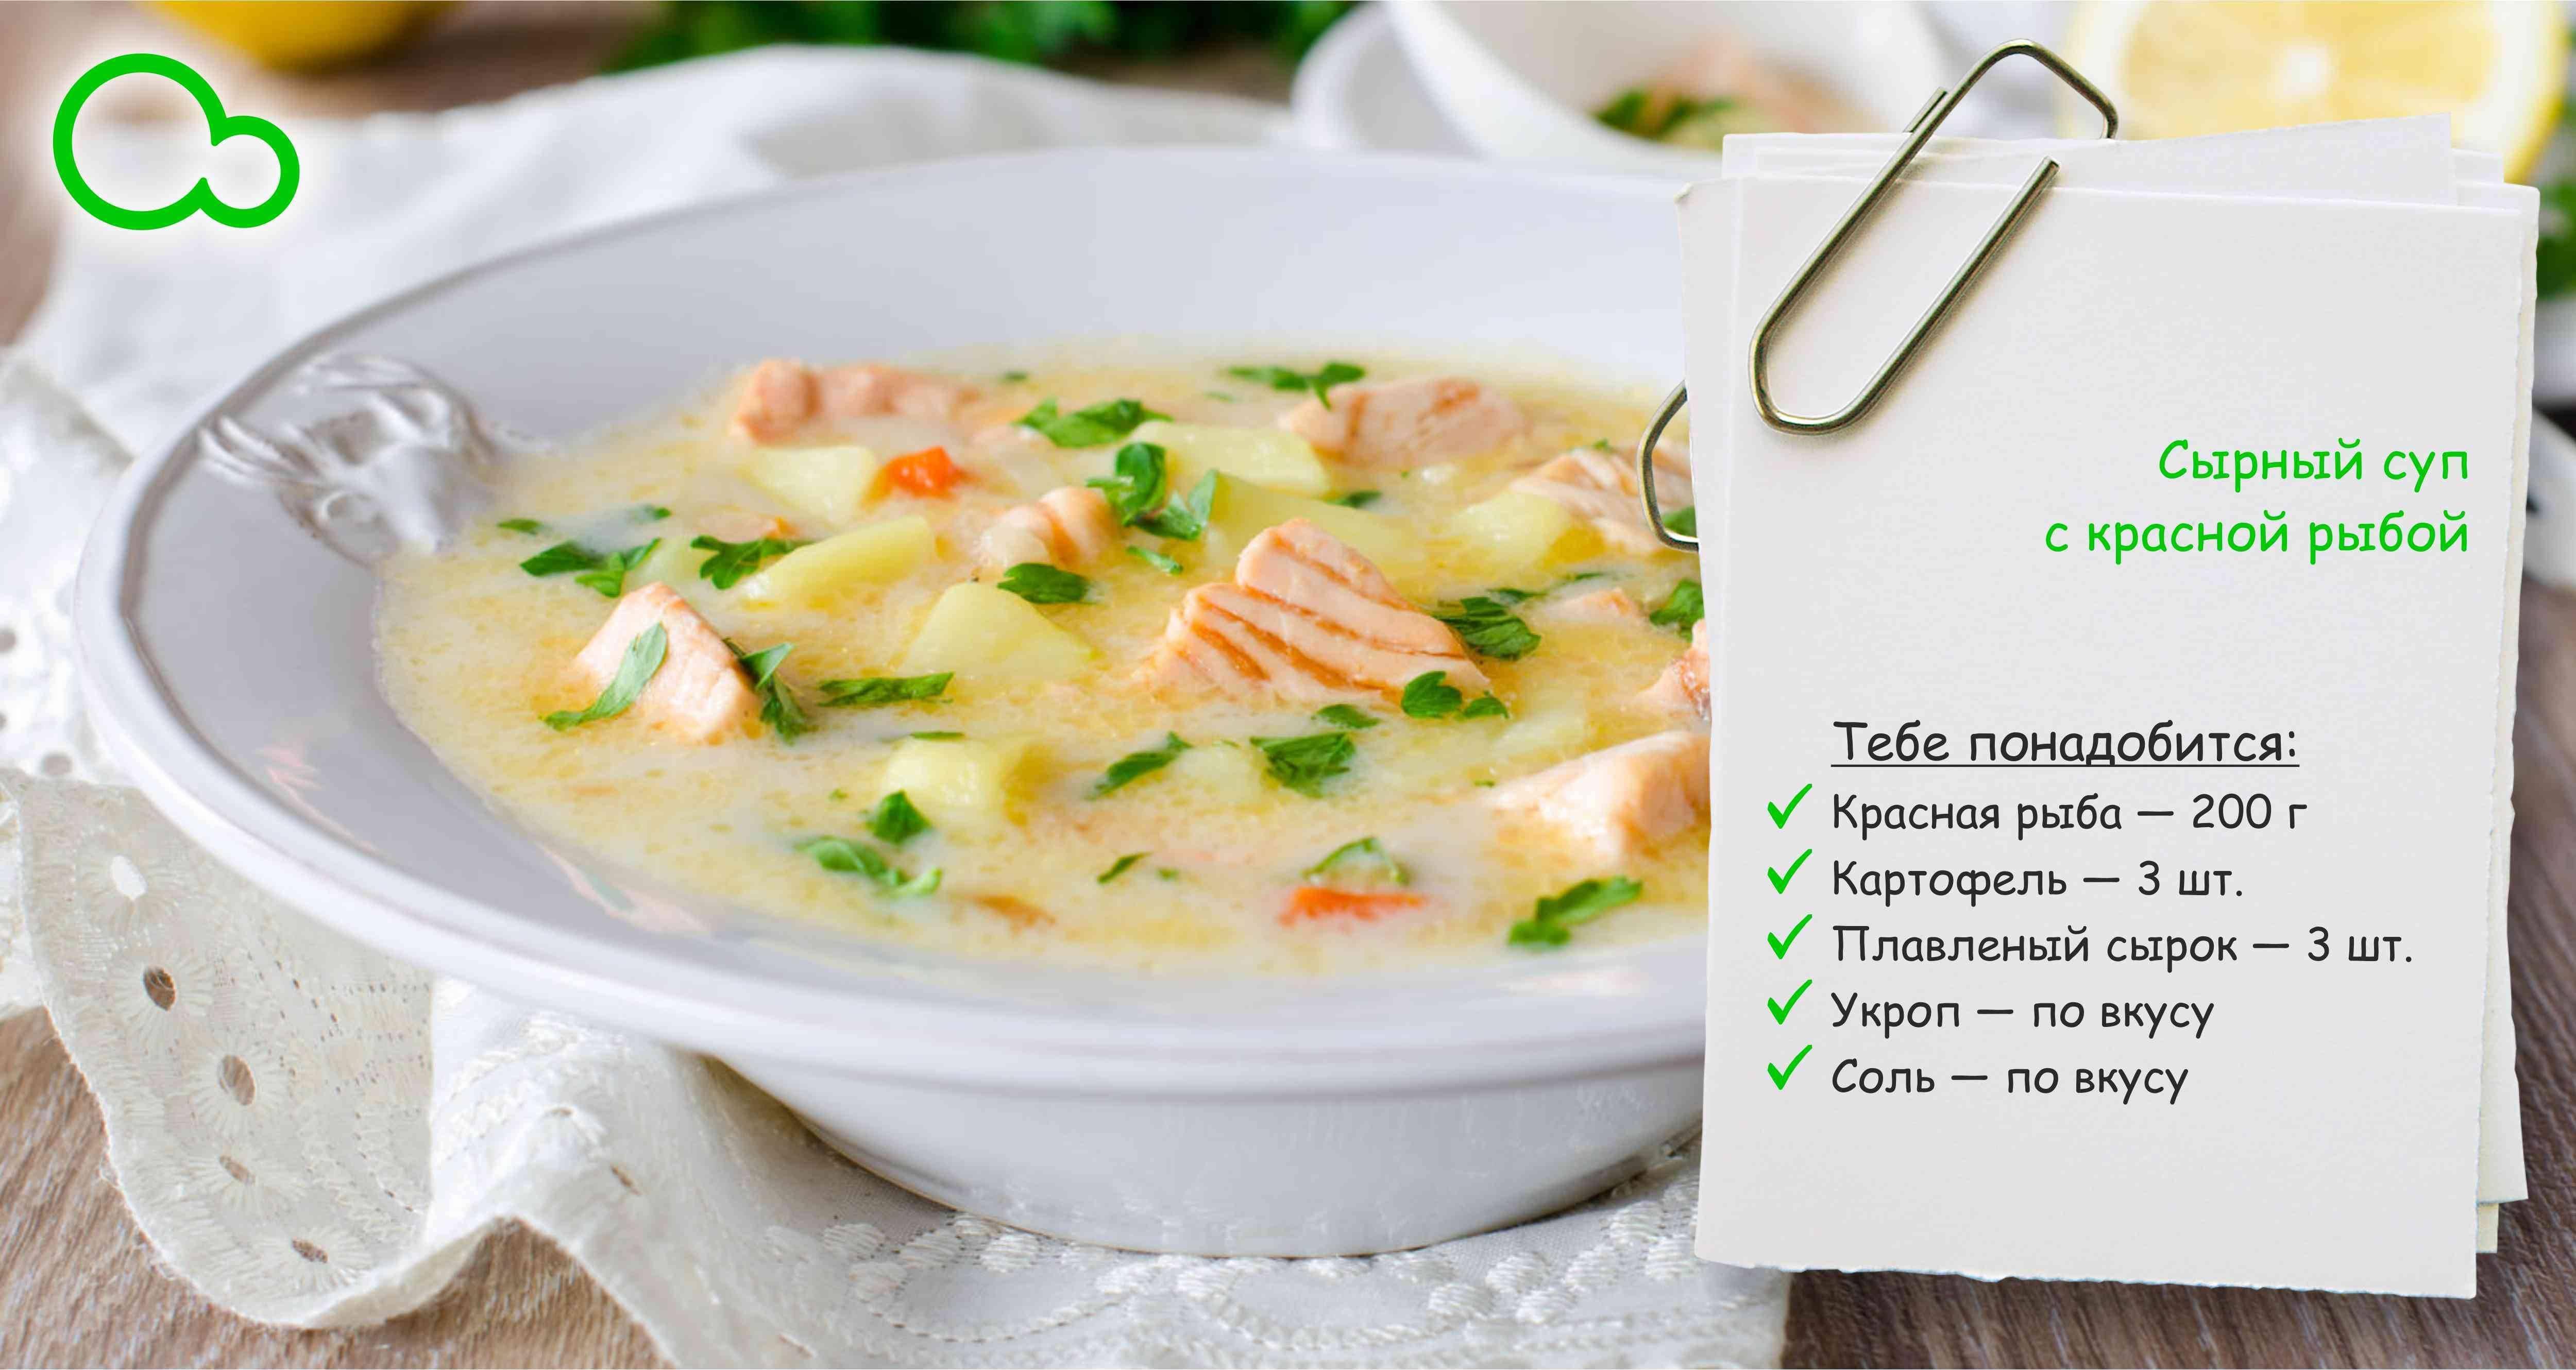 Суп из рыбы (99 рецептов с фото) - рецепты с фотографиями на поварёнок.ру